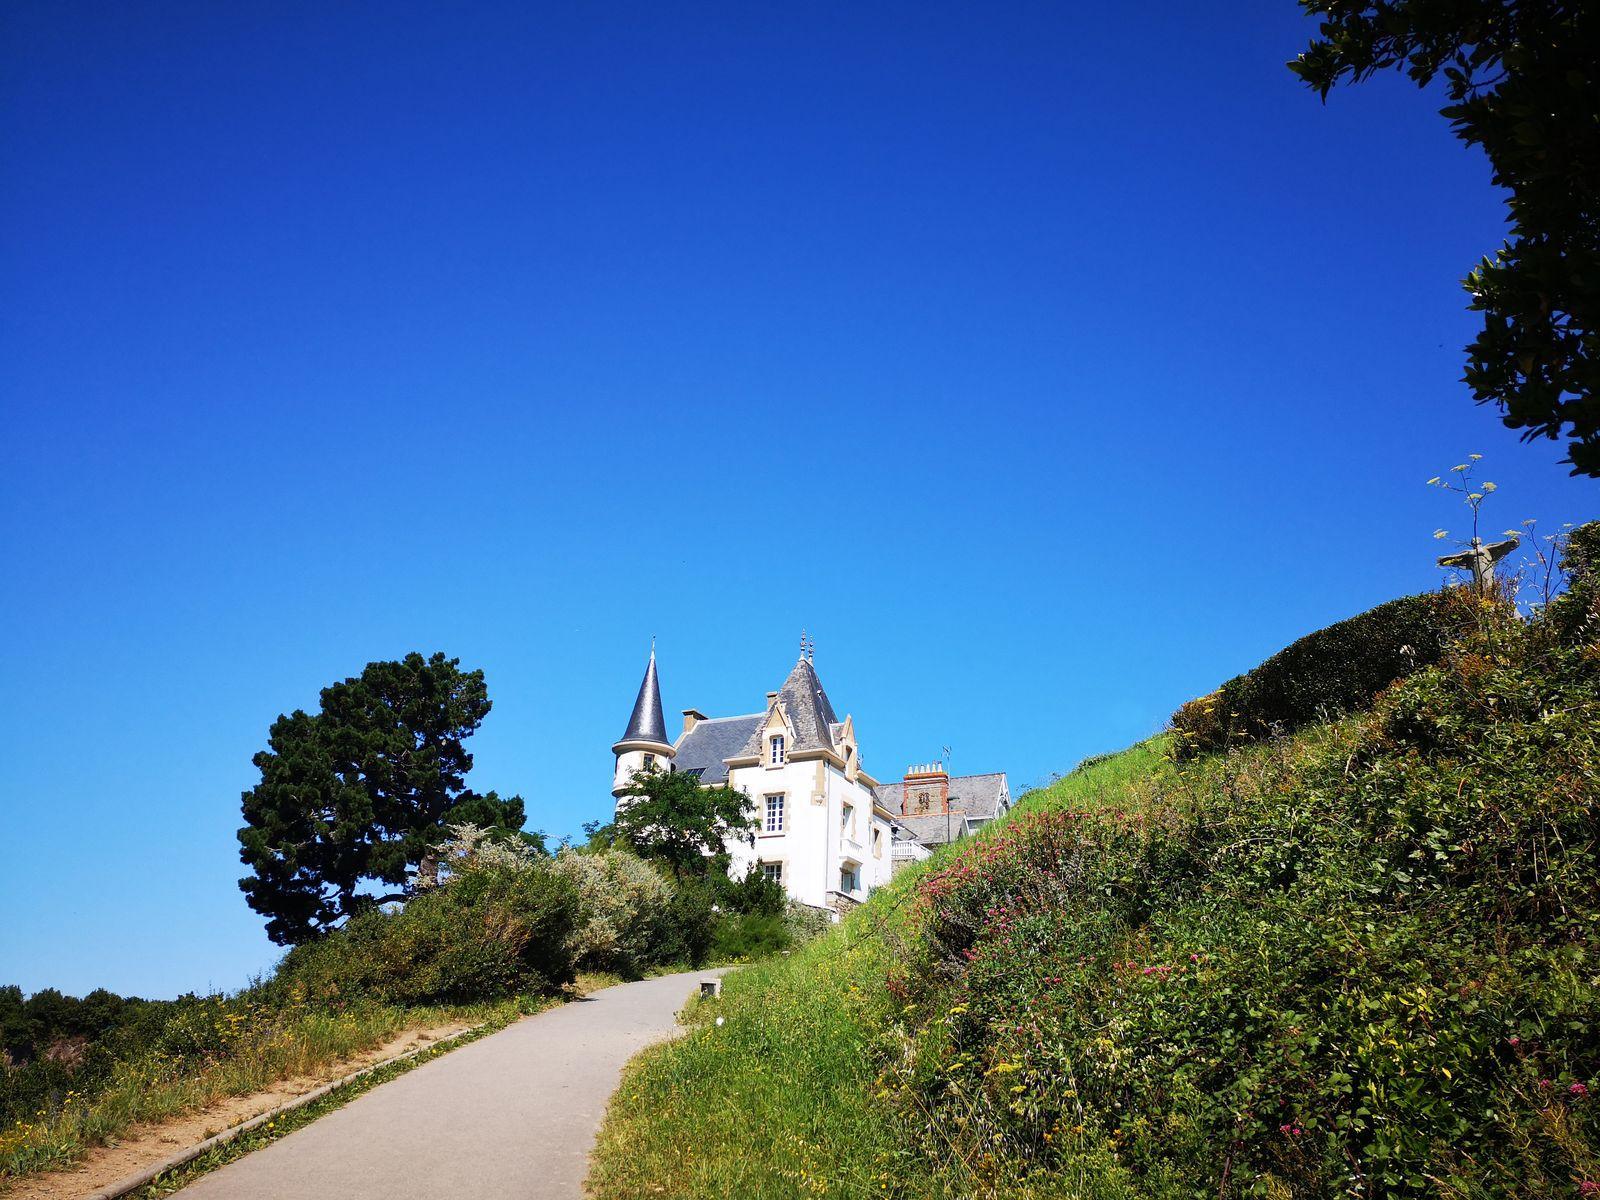 Balade à Cancale, séduisante cité de la Côte d'Emeraude